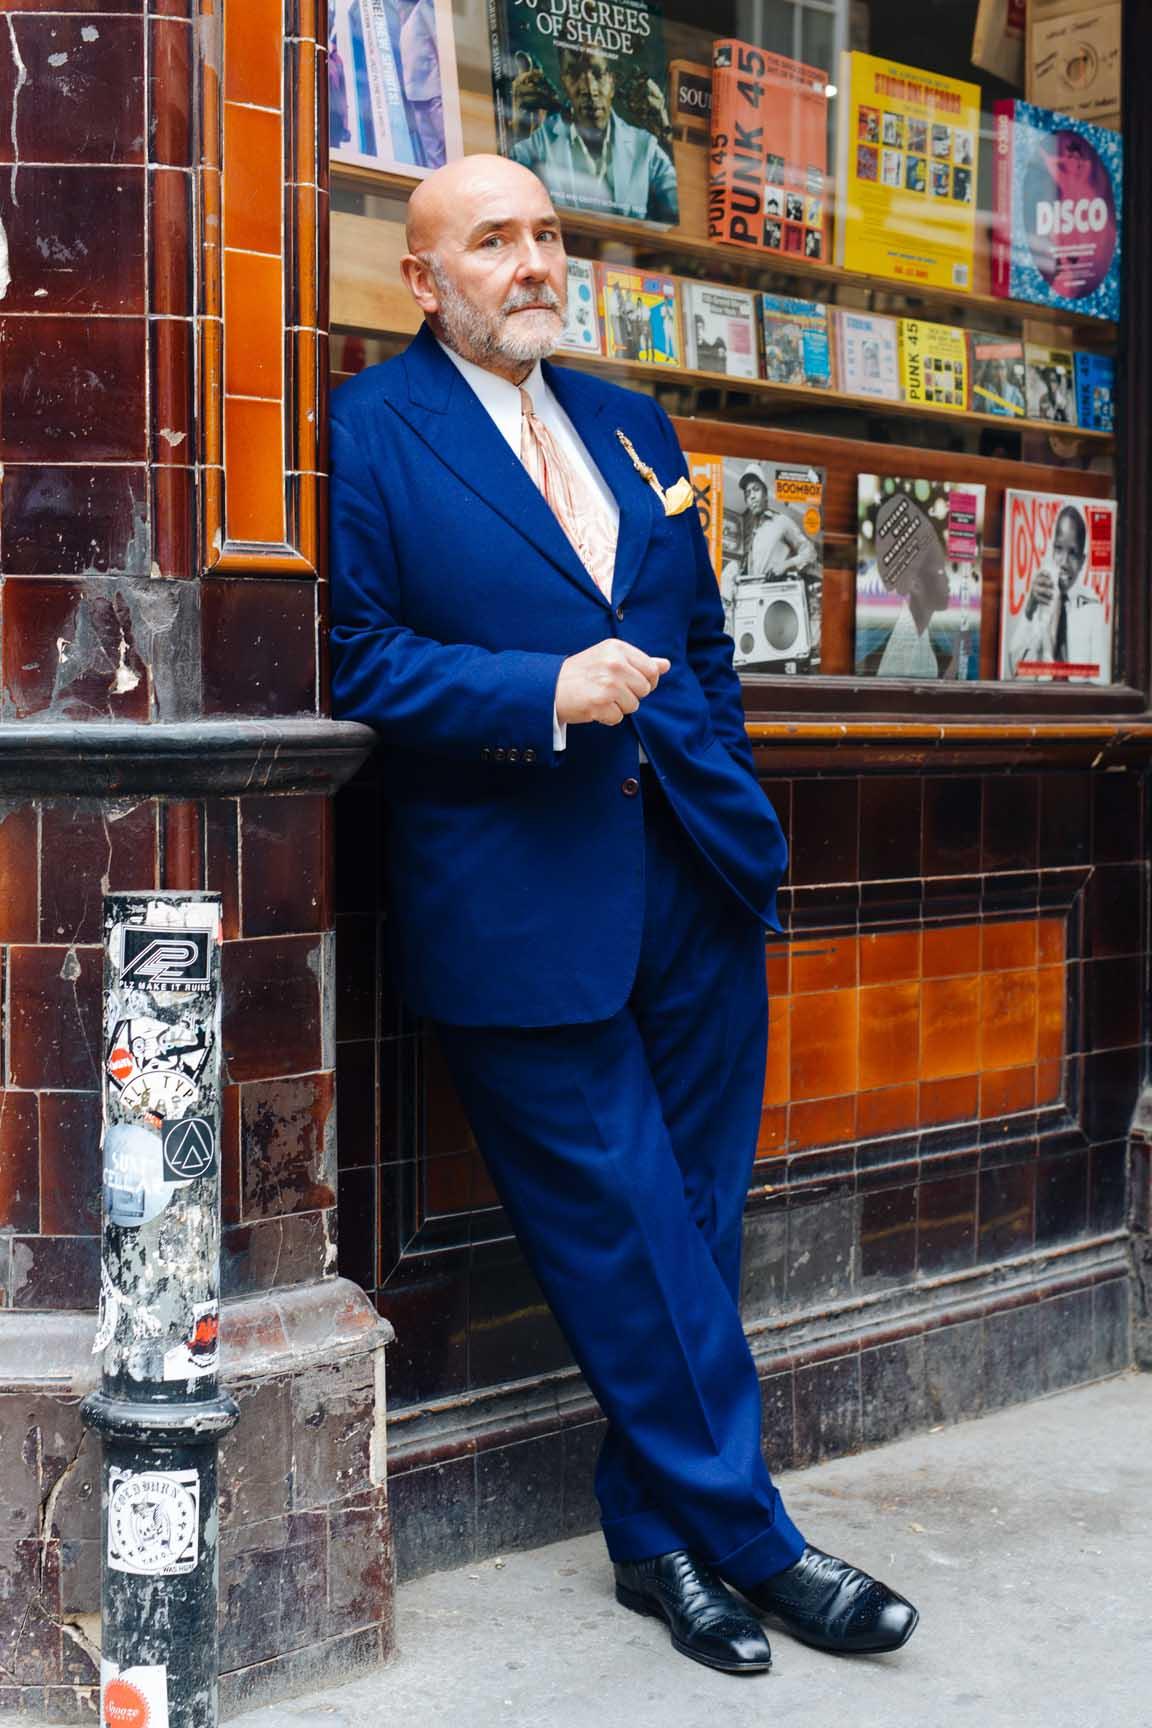 London Street Portrait 5